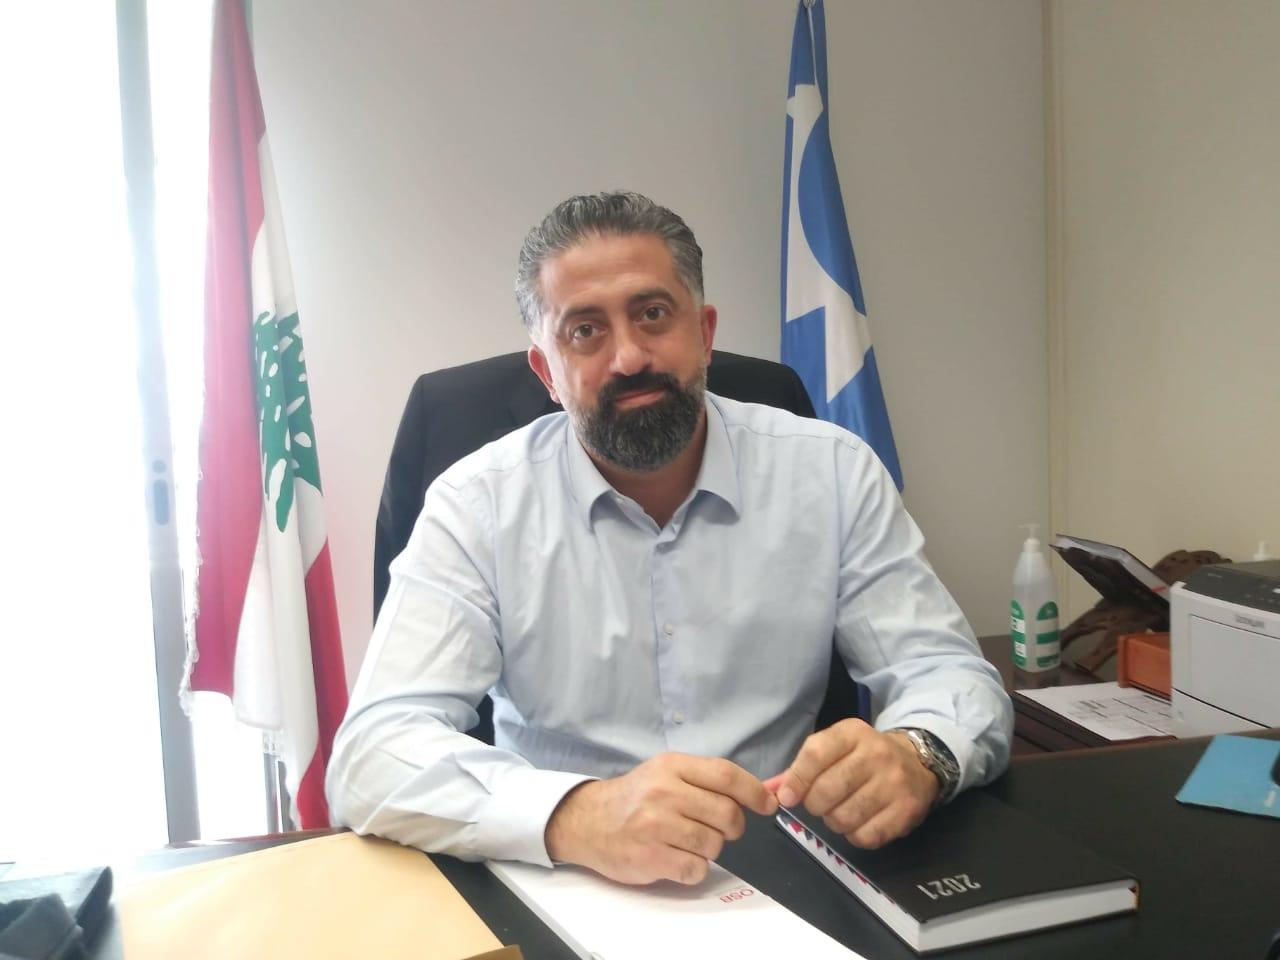 الكوش : هناك قلق من بروز مشاريع طائفية تهدد بتقسيم لبنان